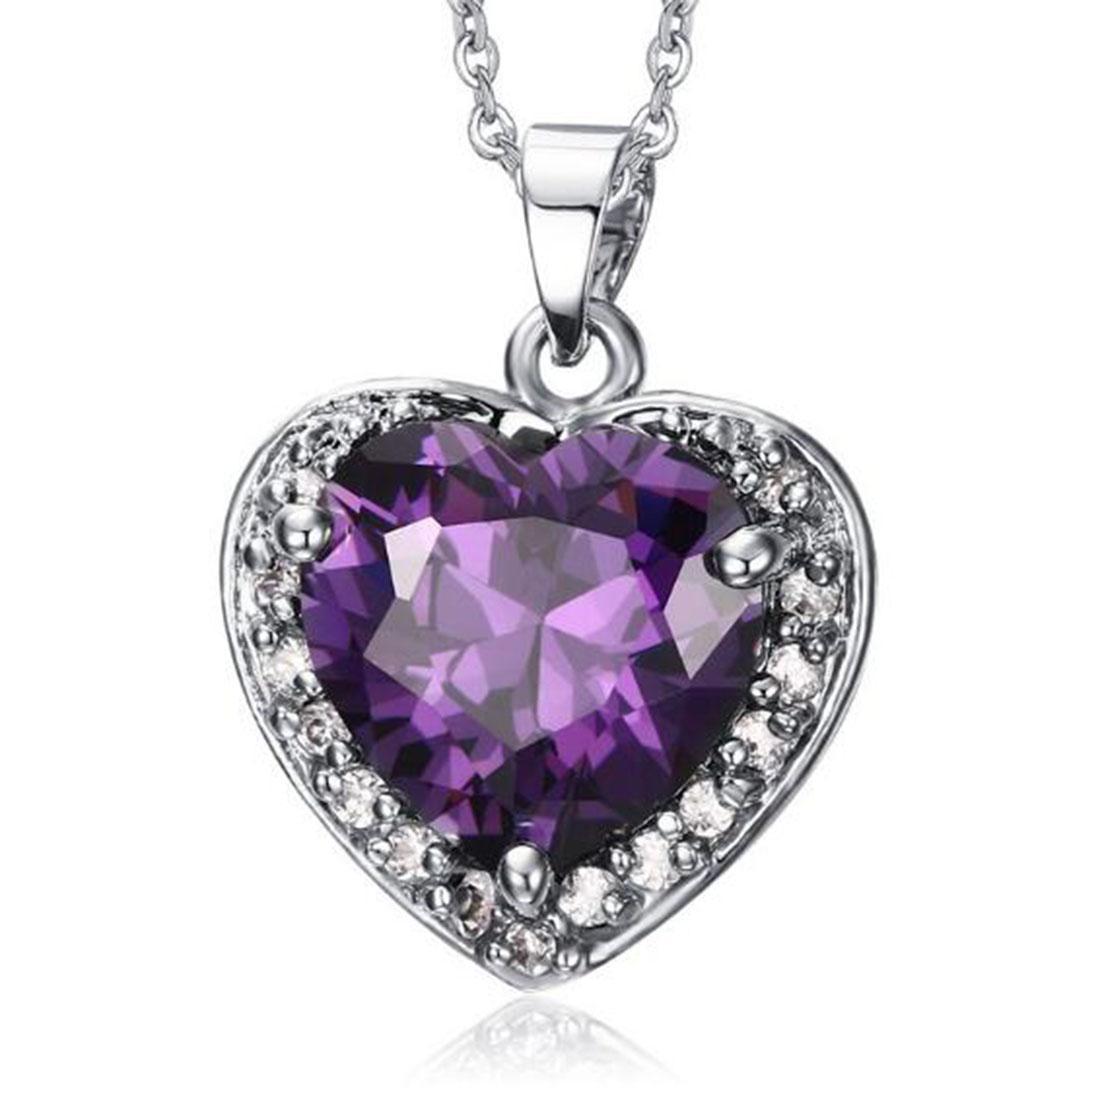 Collier pendentif en cristal violet pour femme Love Heart en argent sterling doré